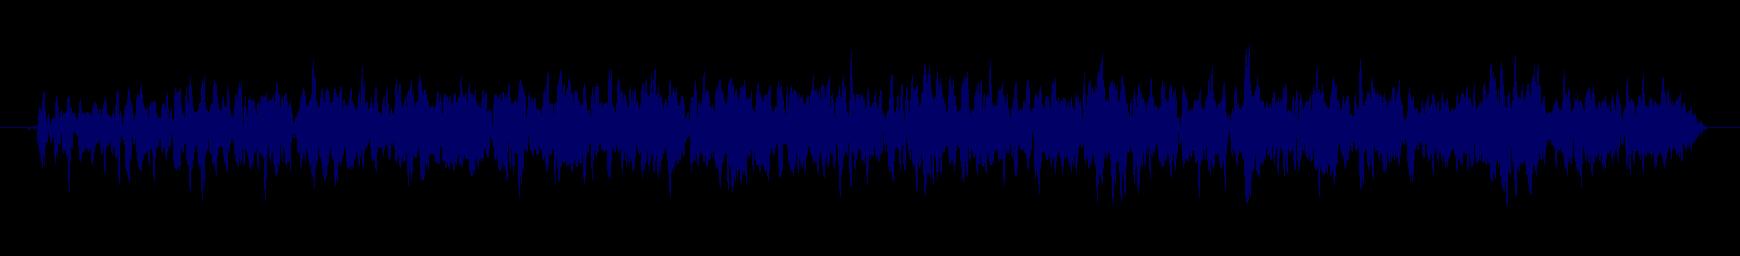 waveform of track #100682